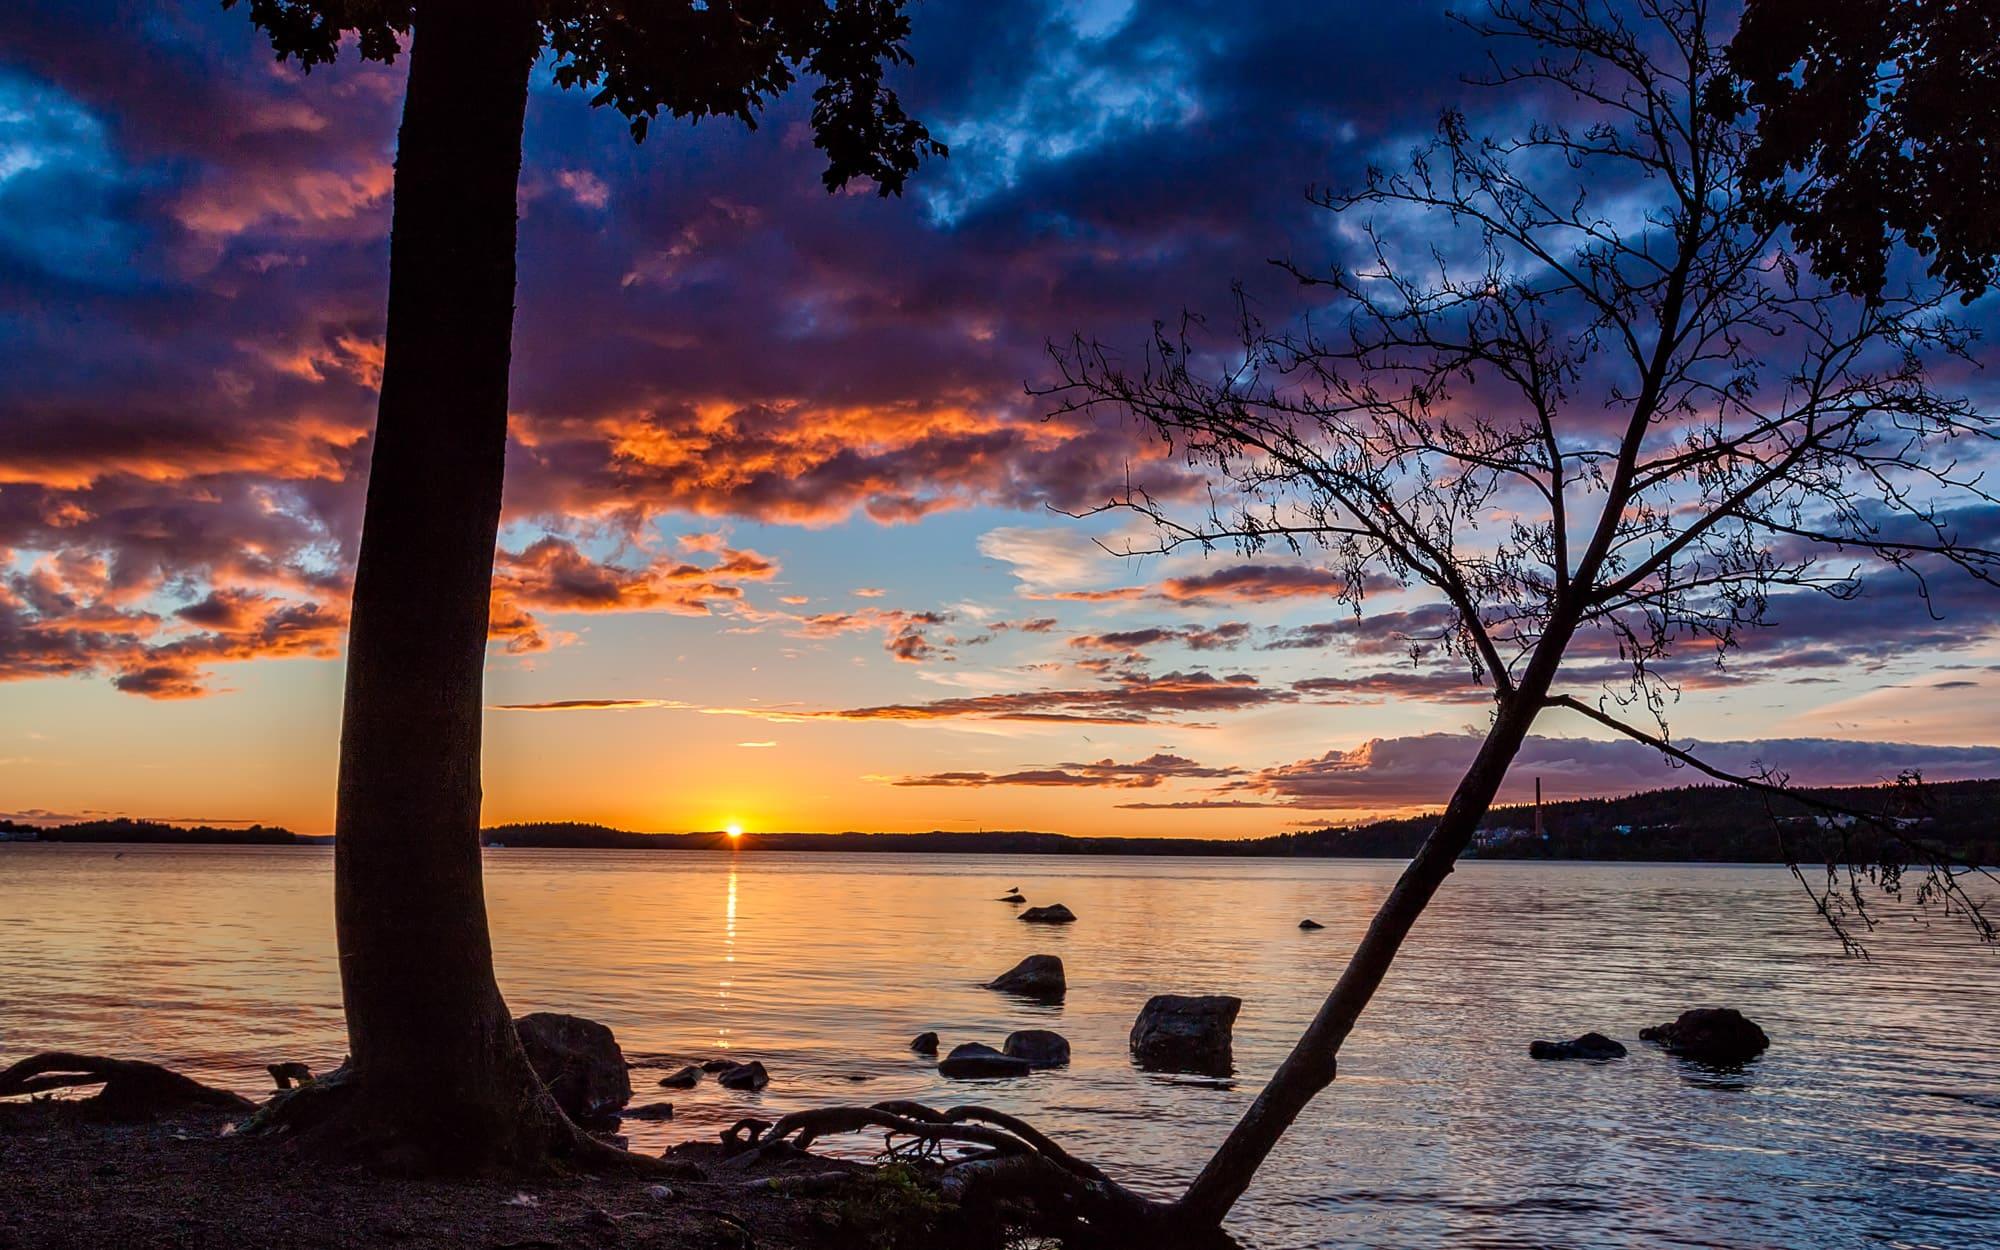 Pyhäjärvi Lake